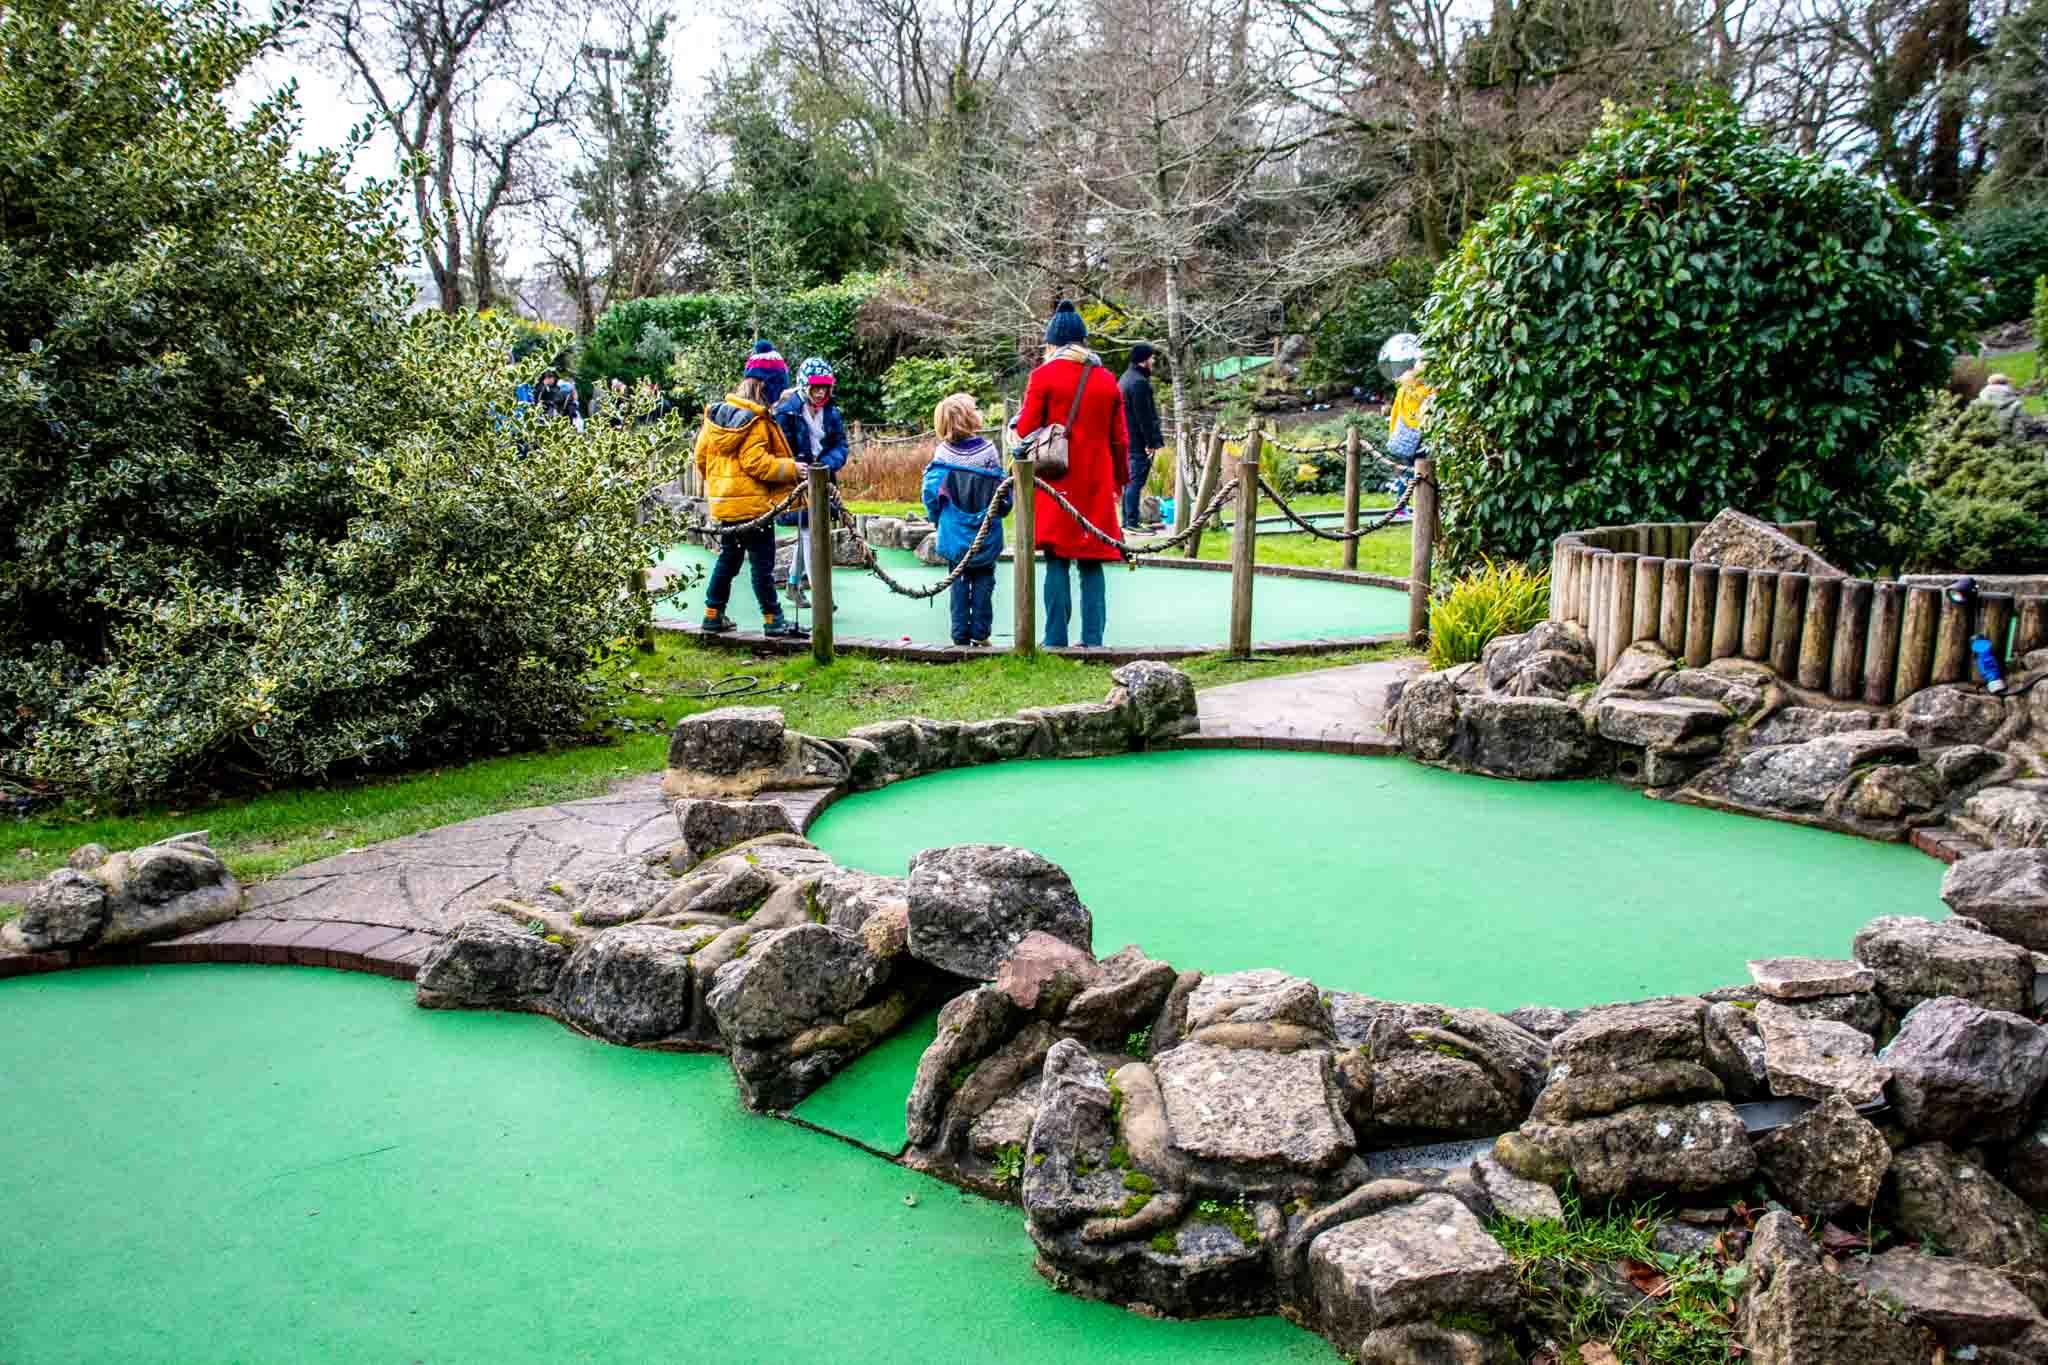 People playing mini golf